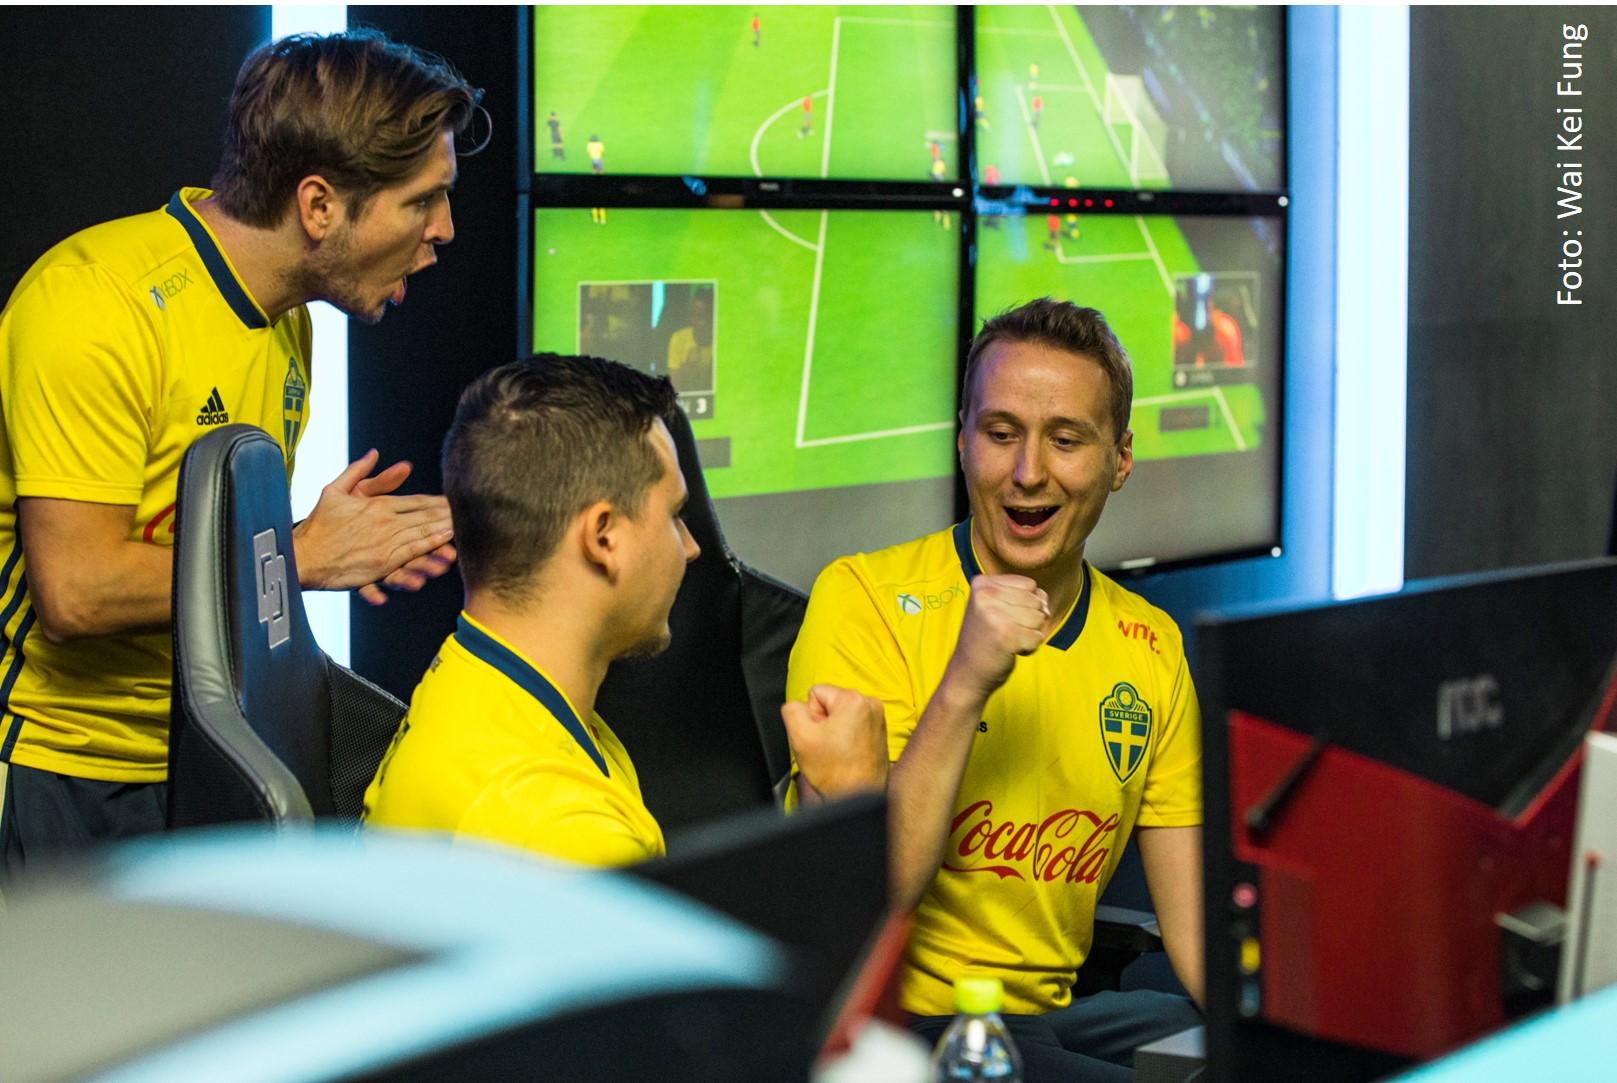 Ownit stolt sponsor av svenska FIFA landslaget!